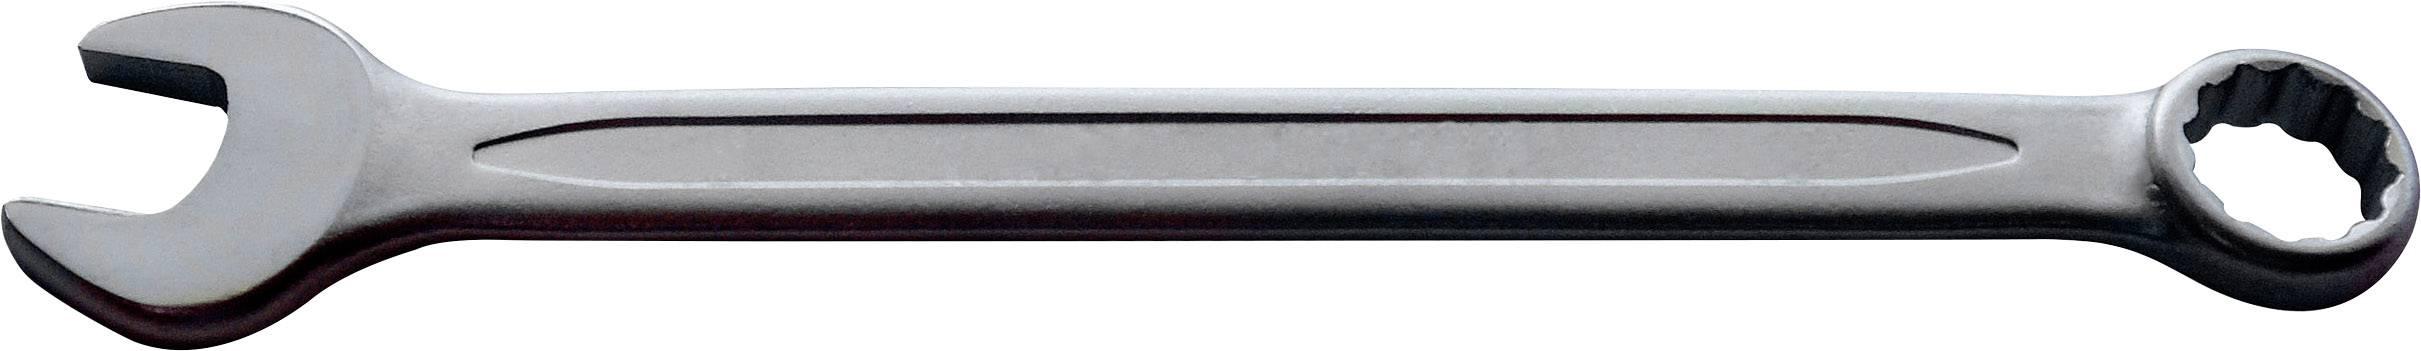 Očkoplochý klíč TOOLCRAFT 820836, DIN 3113 Form A, 13 mm